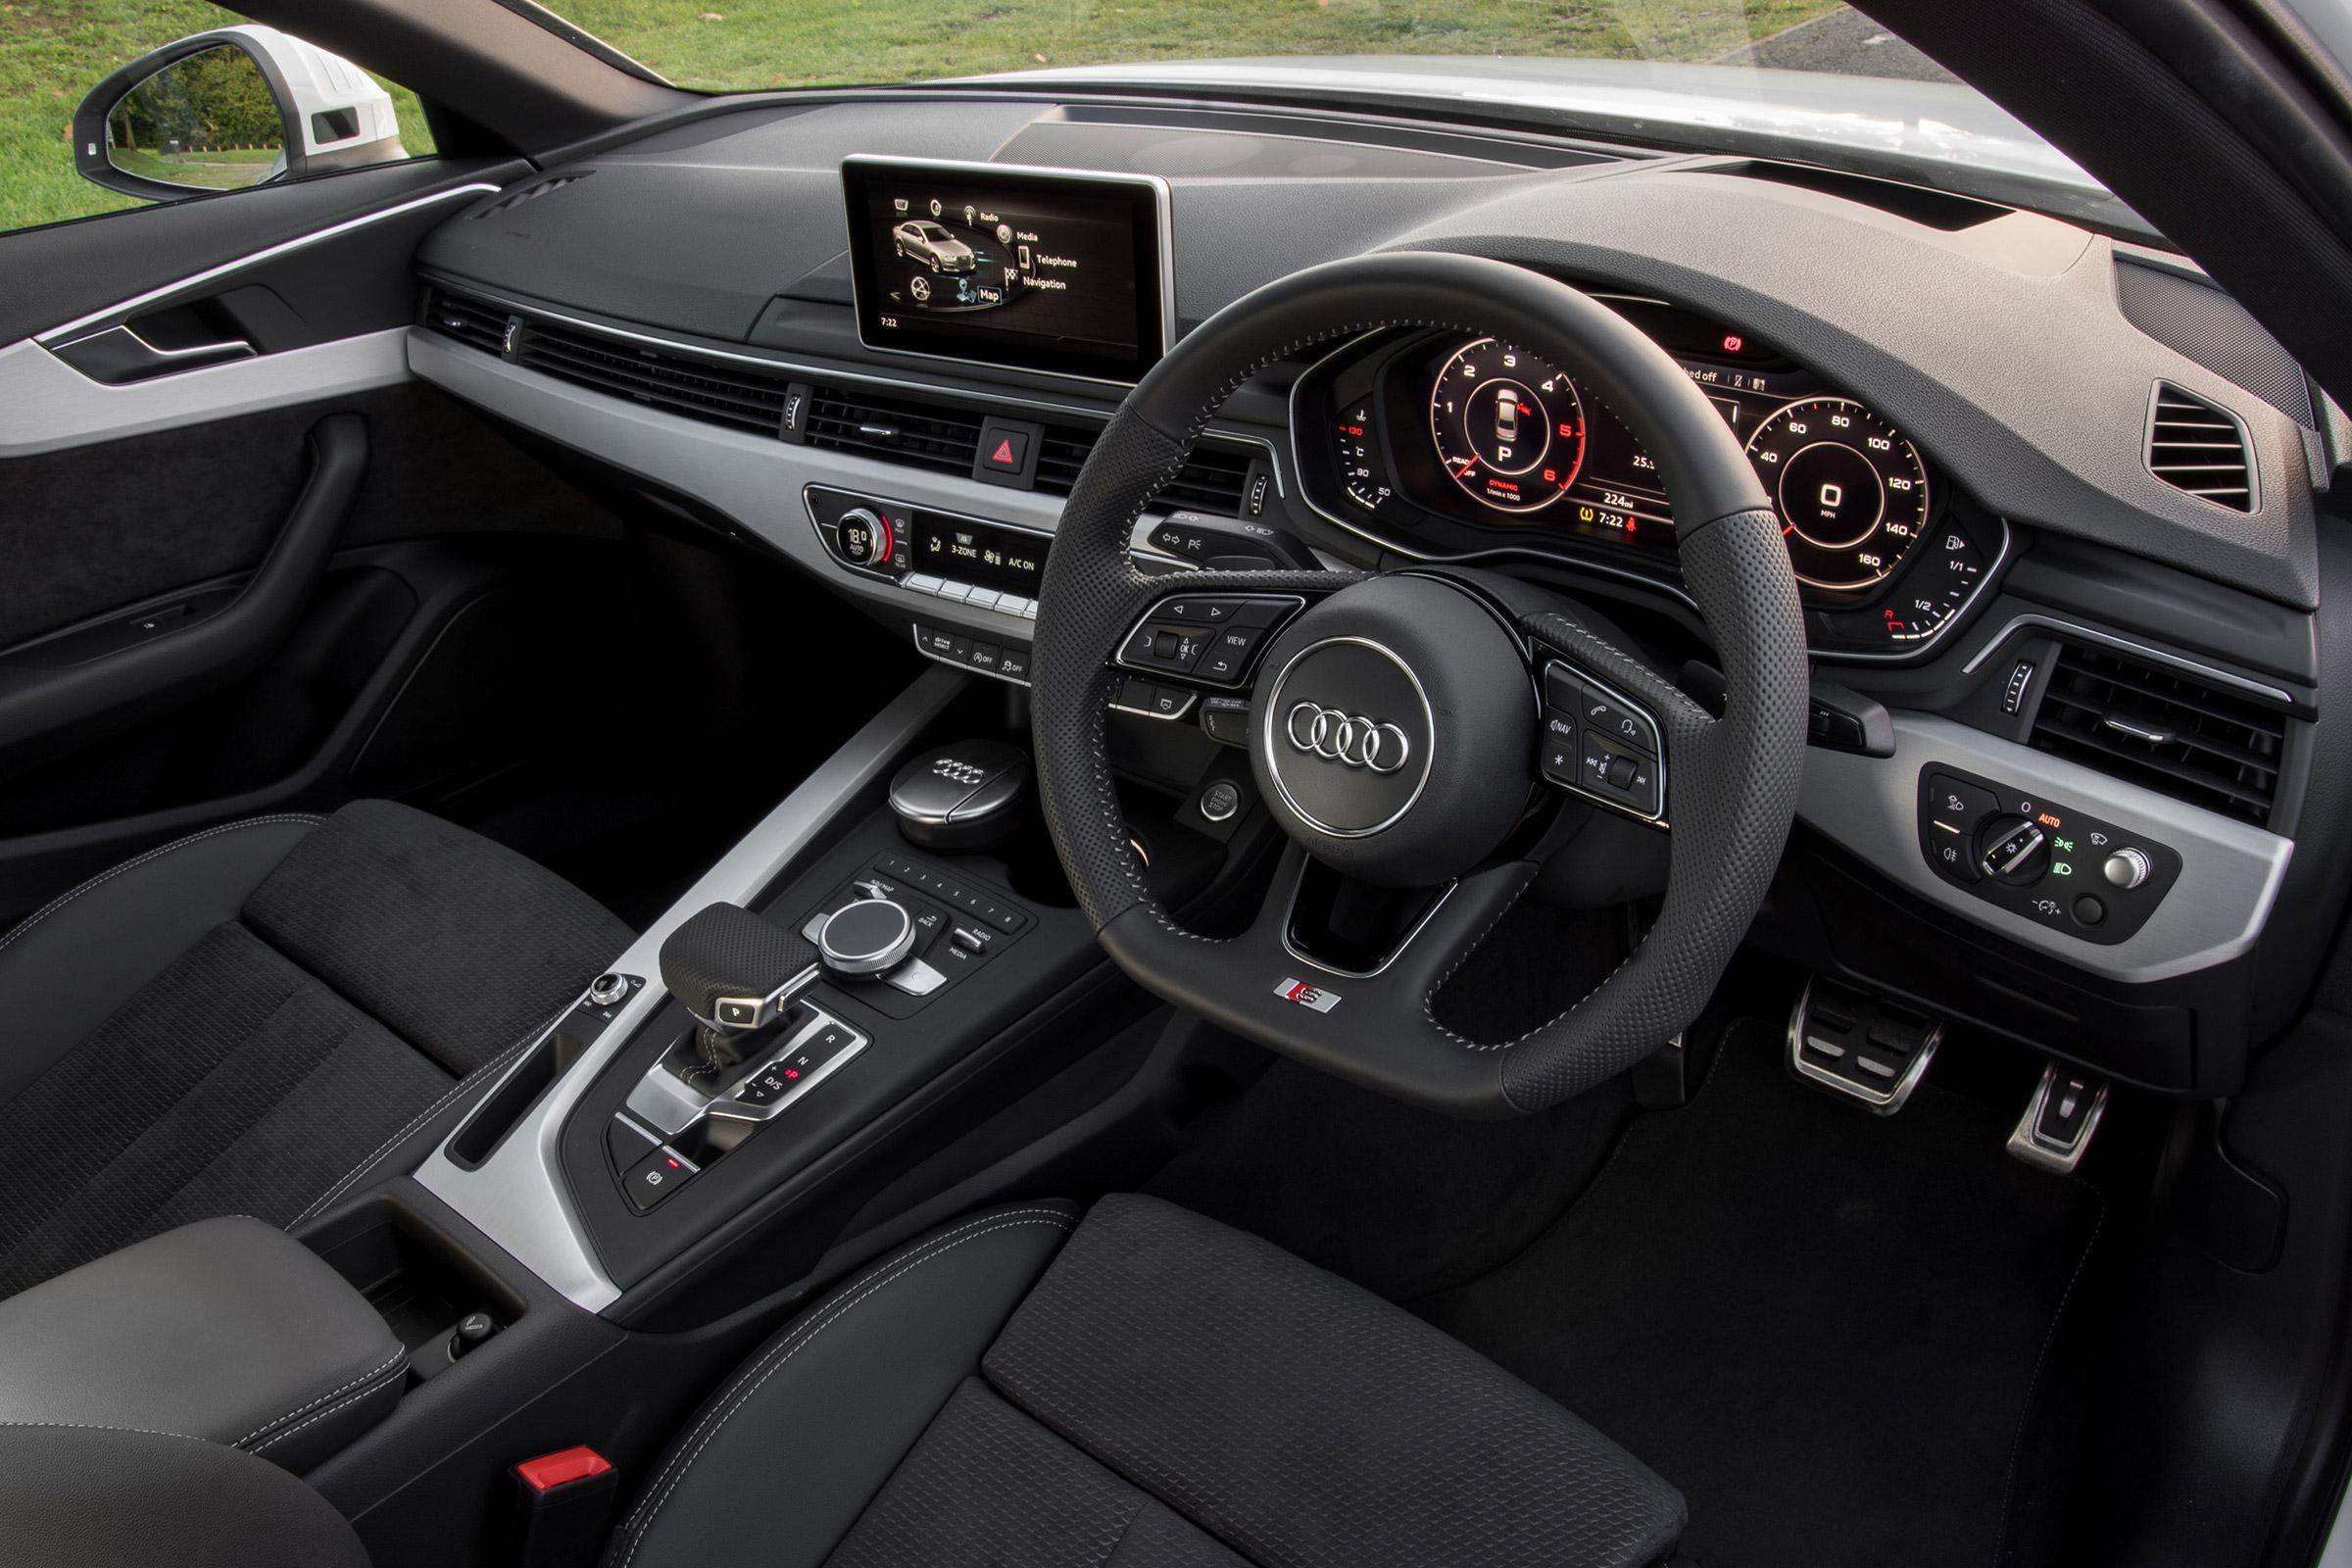 Kekurangan Audi A4 Avant 2018 Spesifikasi